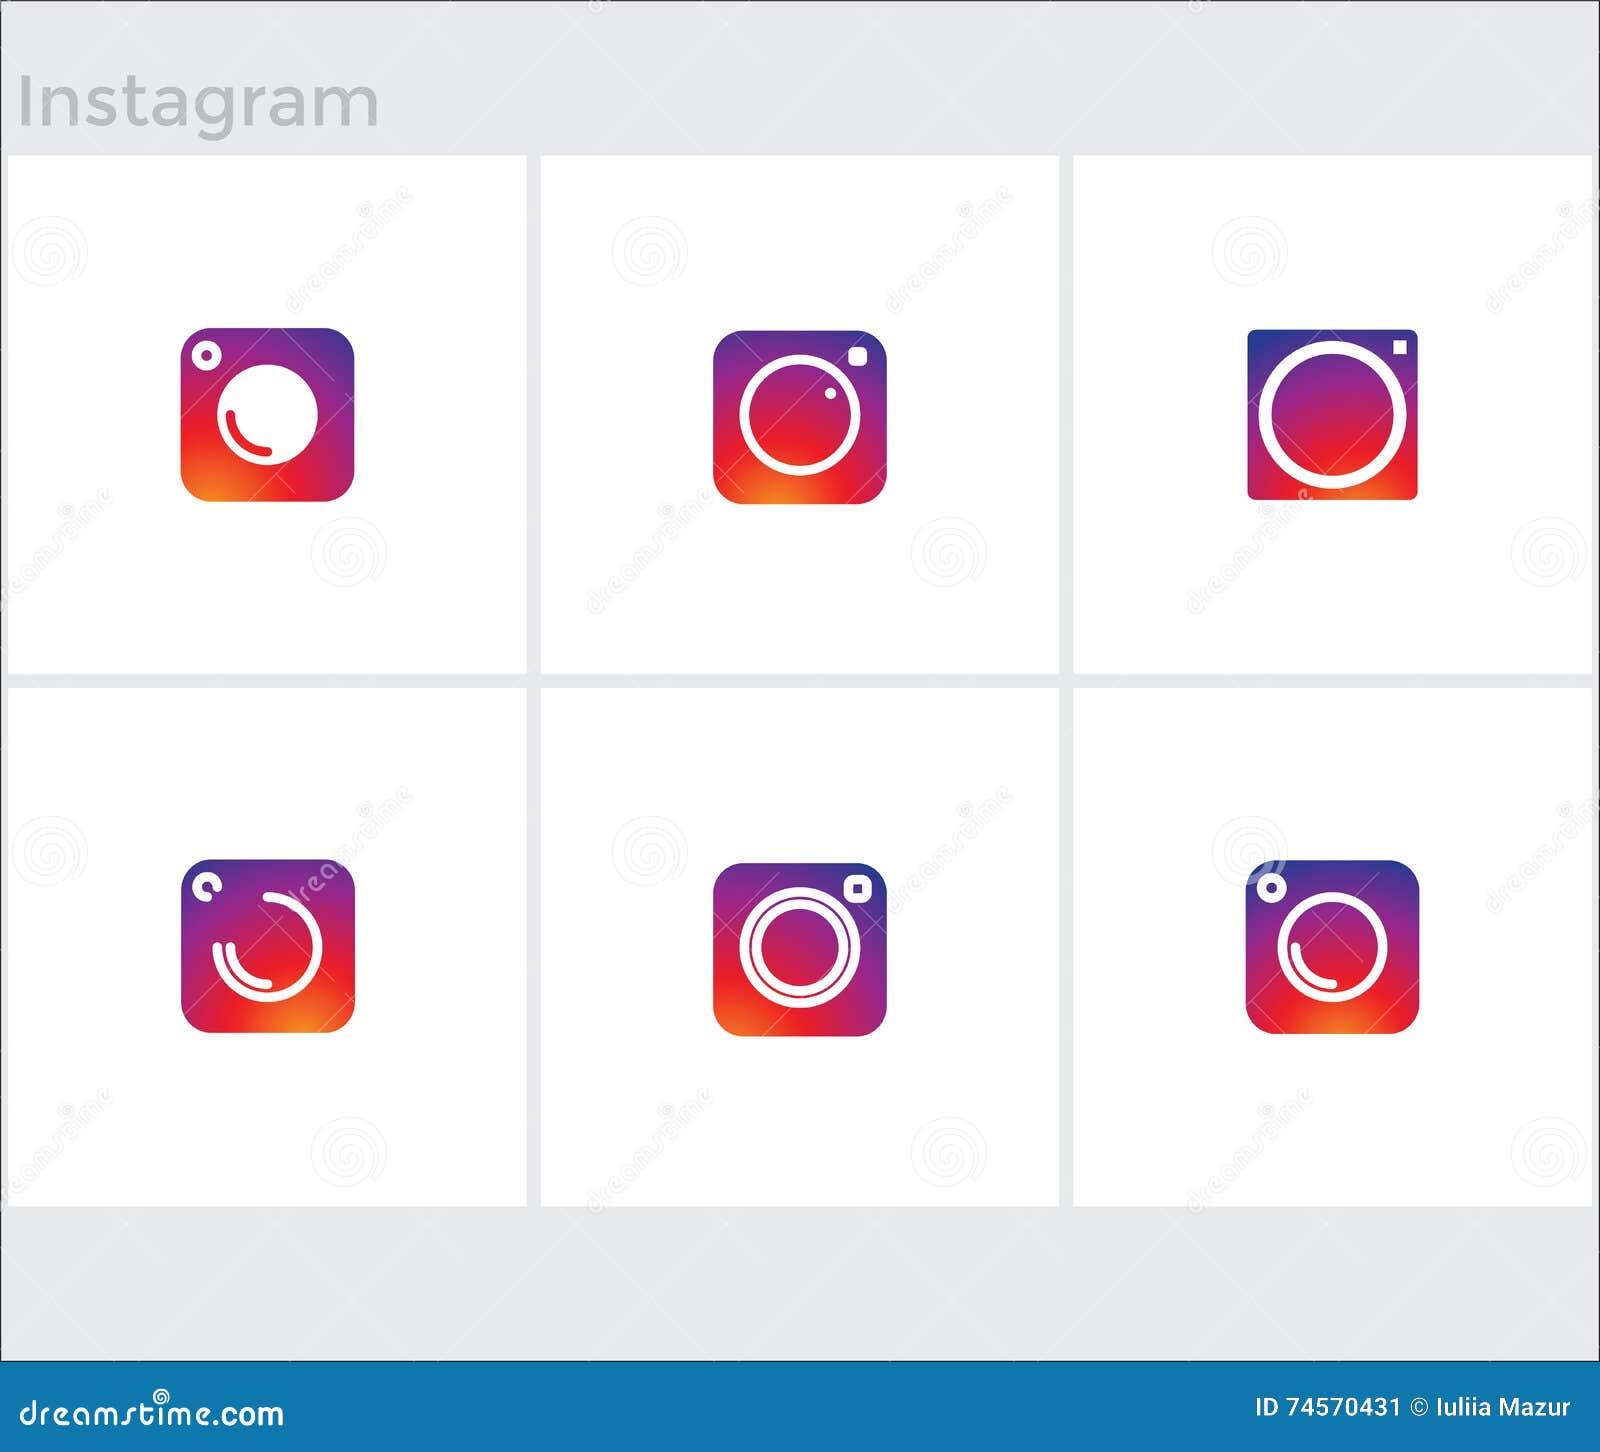 Vector Illustration Instagram: Social Media Icons Set, Photo Camera Instagram Stock